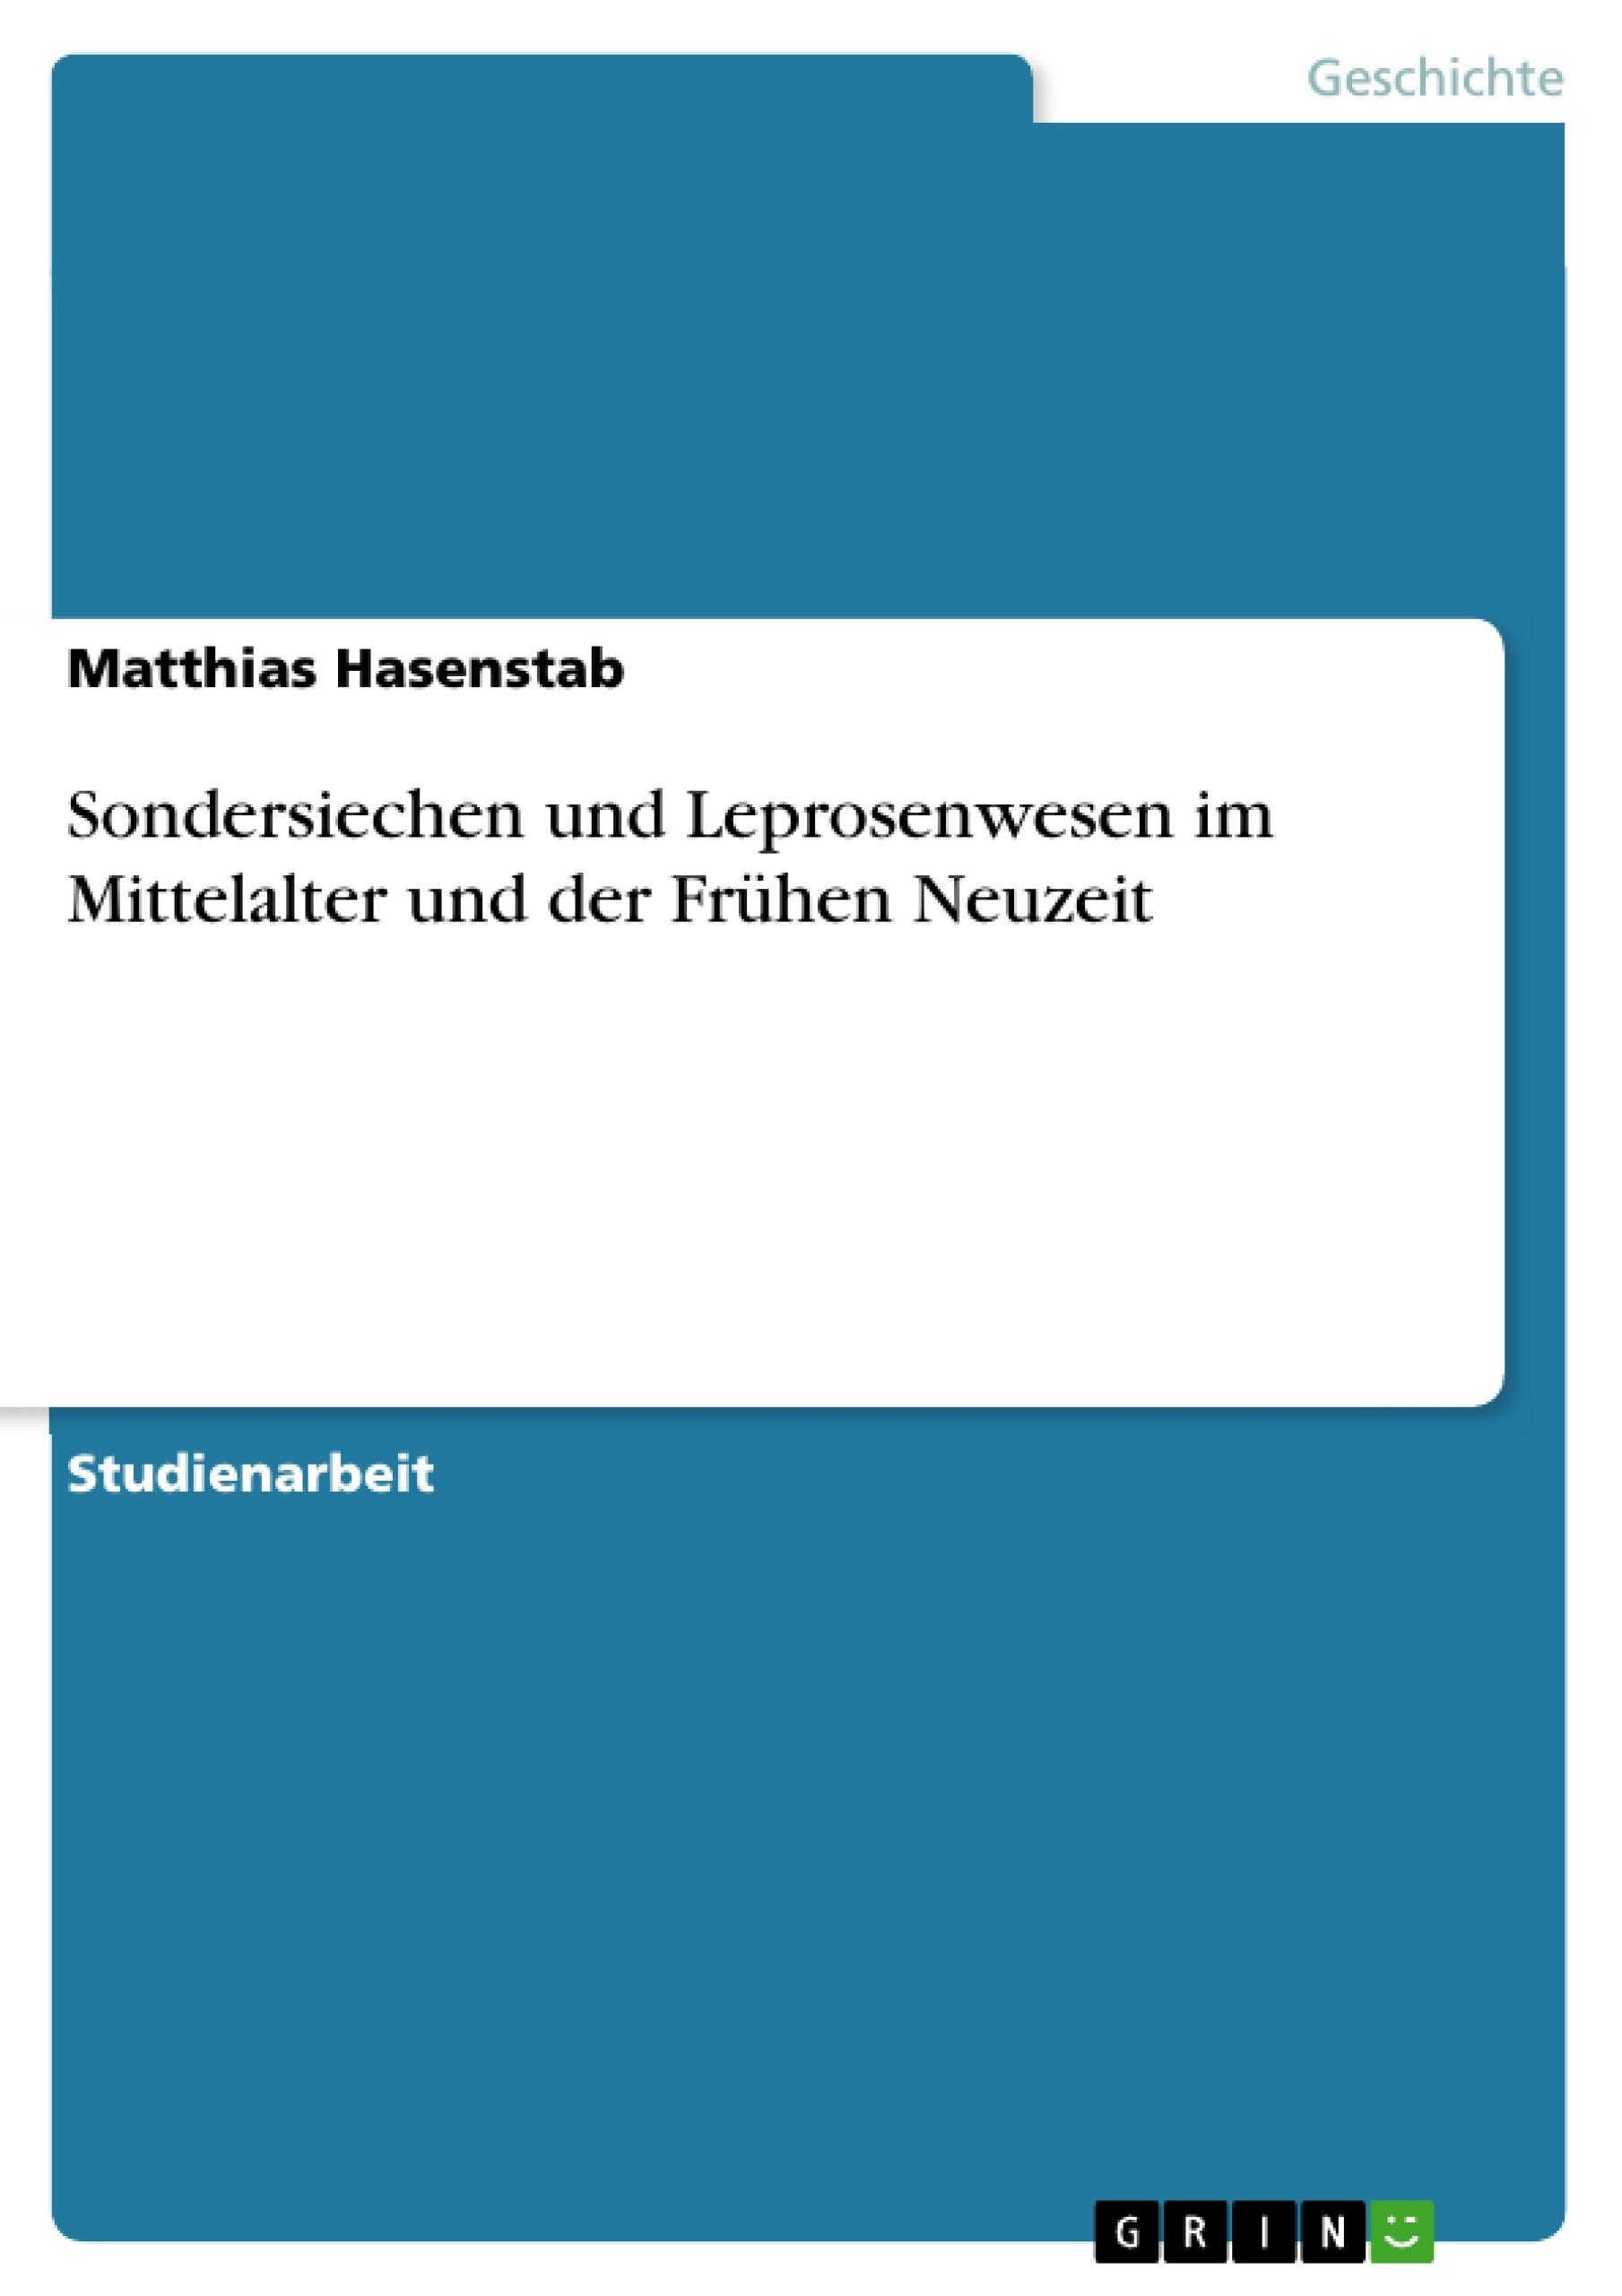 Titel: Sondersiechen und Leprosenwesen im Mittelalter und der Frühen Neuzeit